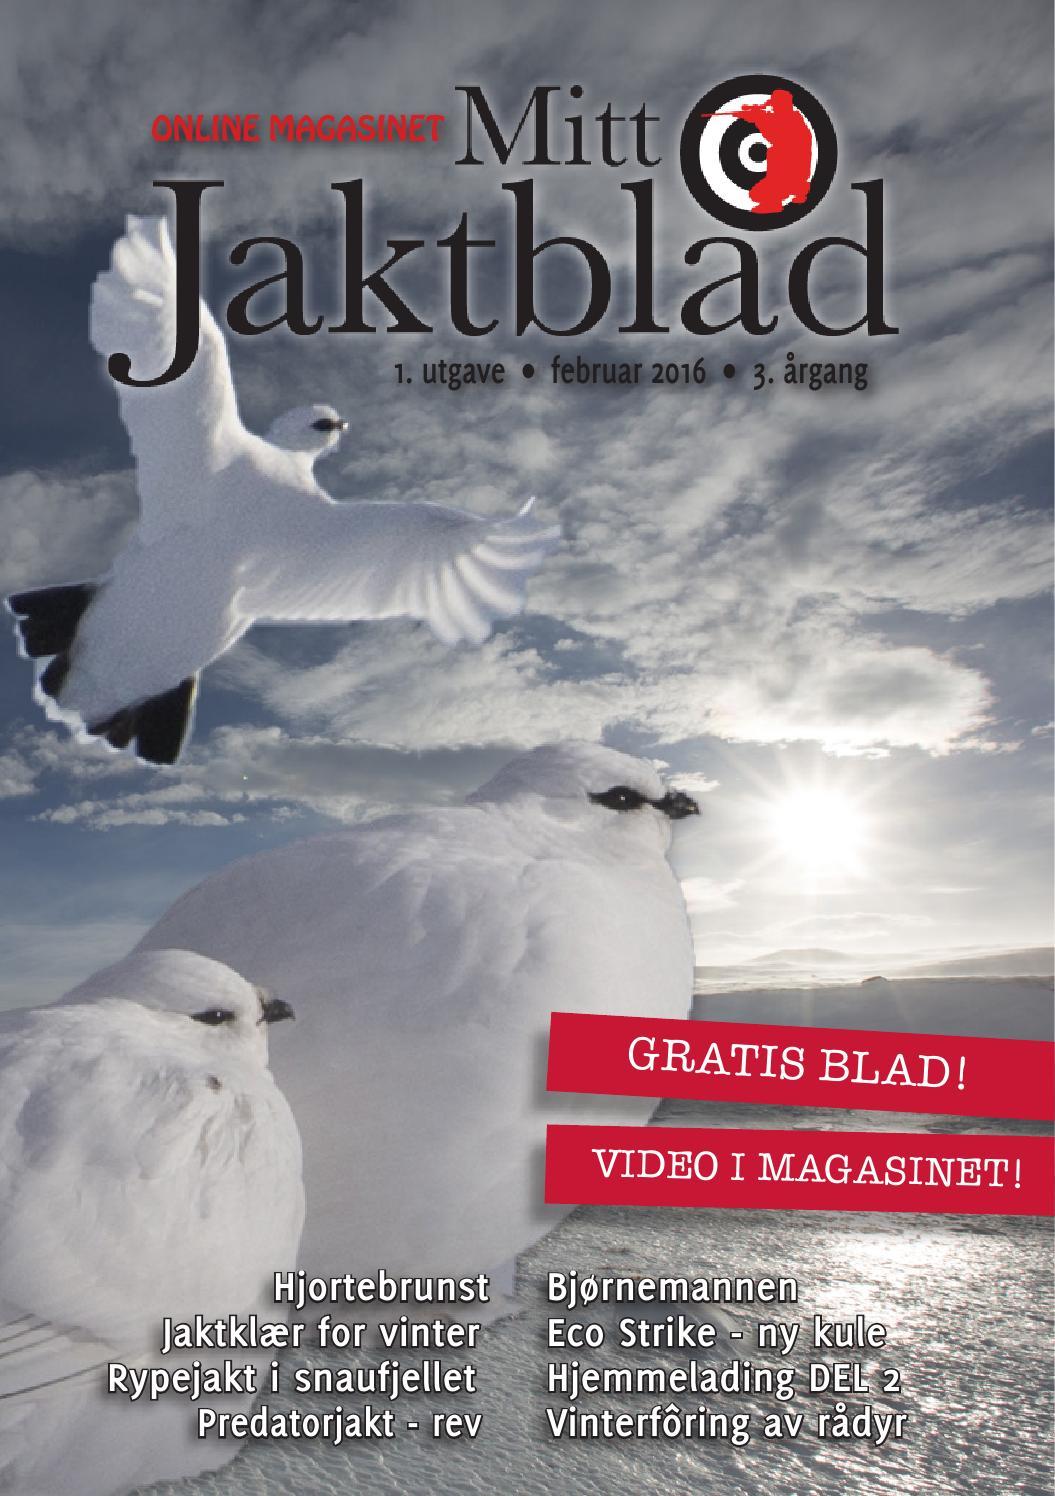 Inredning pellets kostnad : Mitt Jaktblad nr. 1/2016 by Mitt Jaktblad - issuu